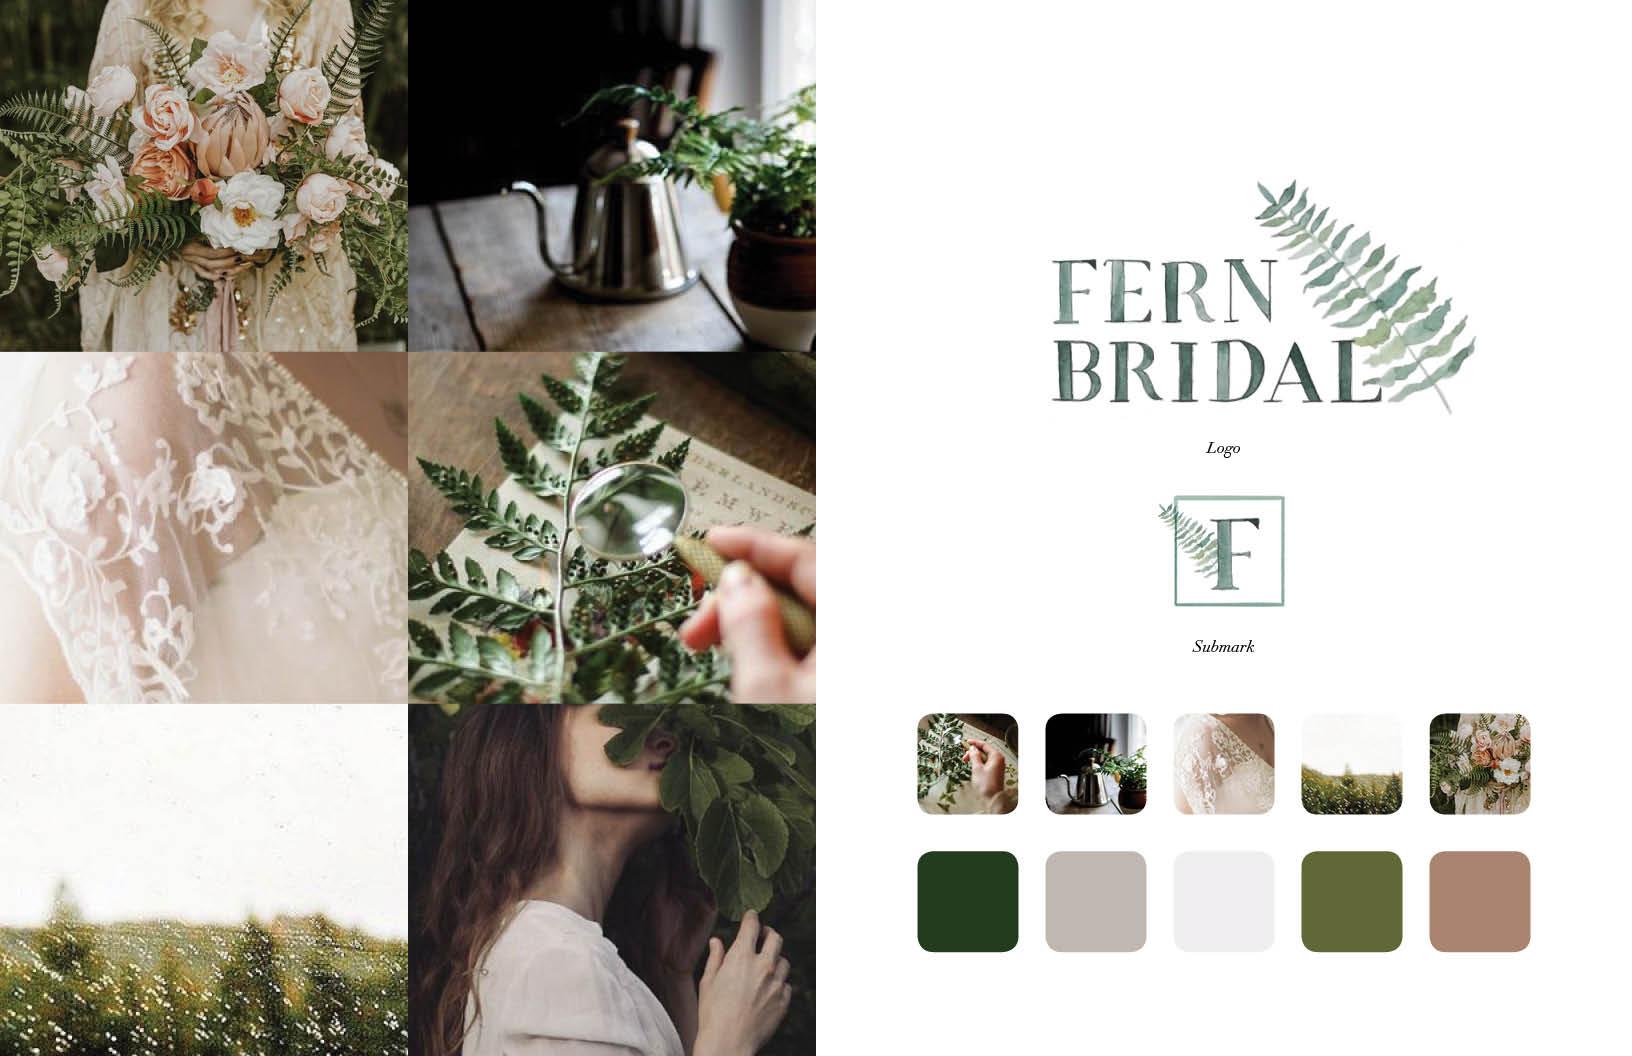 Fern Bridal 3 Concepts2.jpg